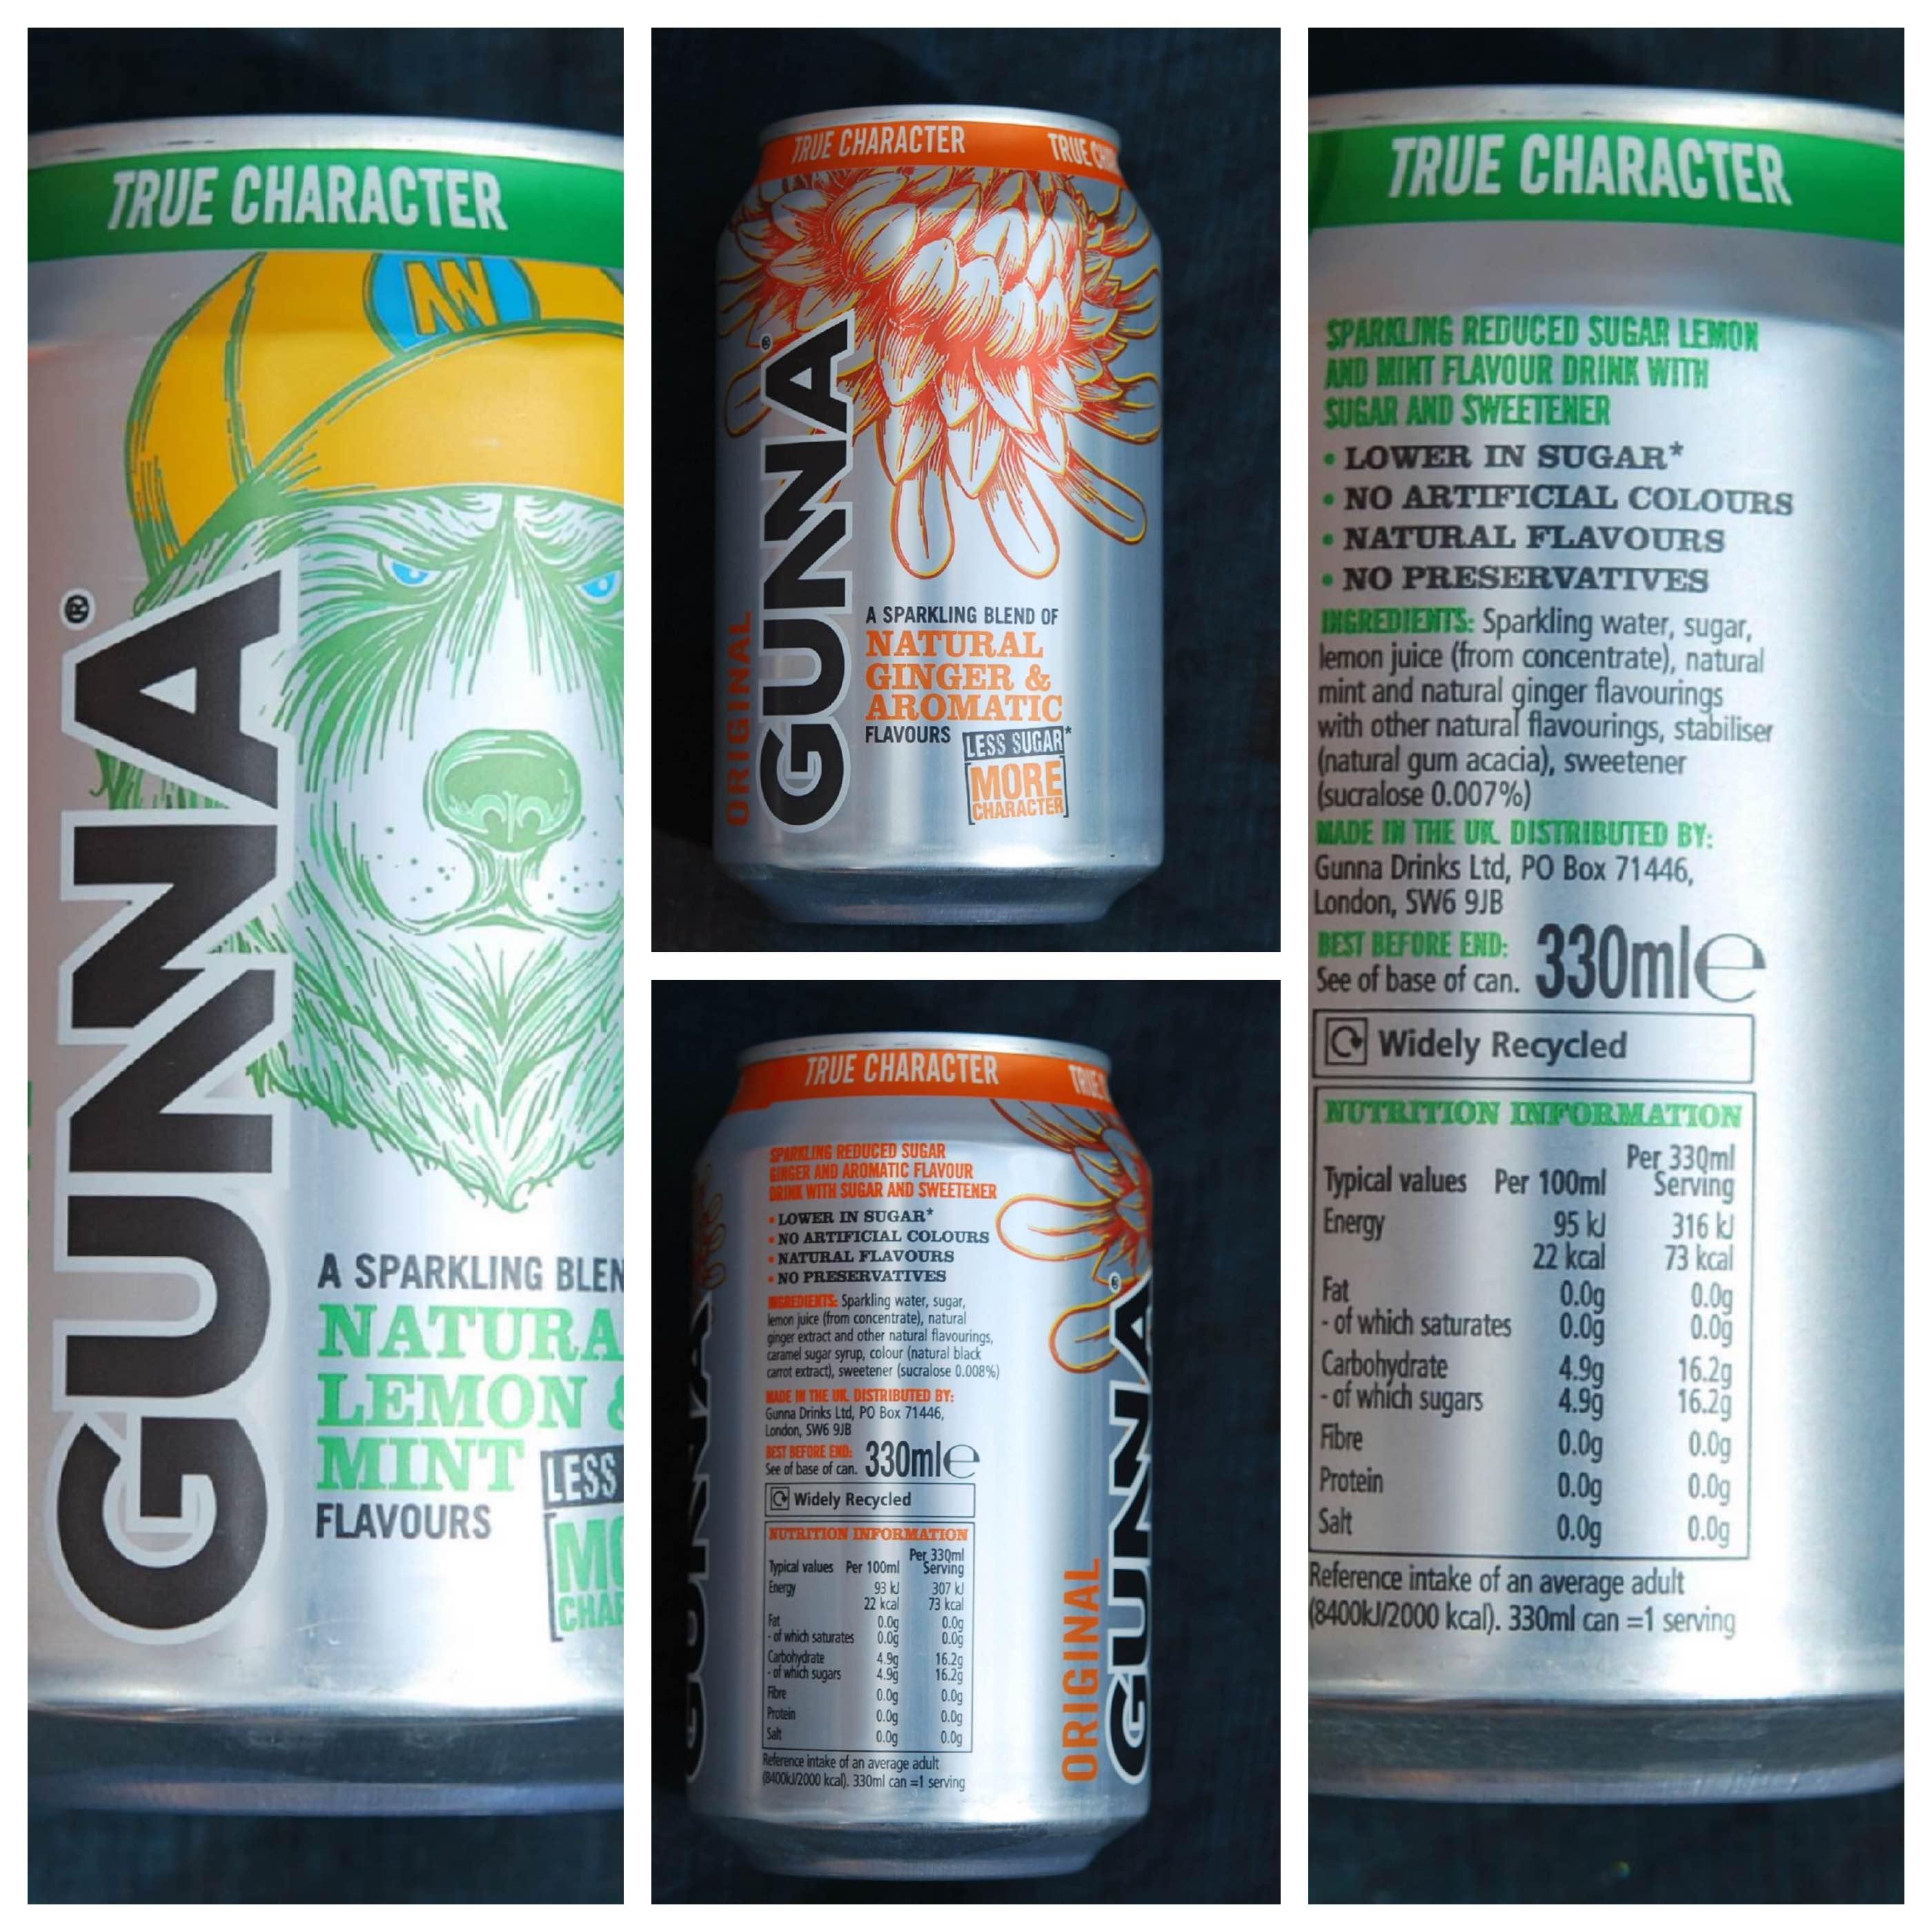 Gunna Drinks - DegustaBox Review